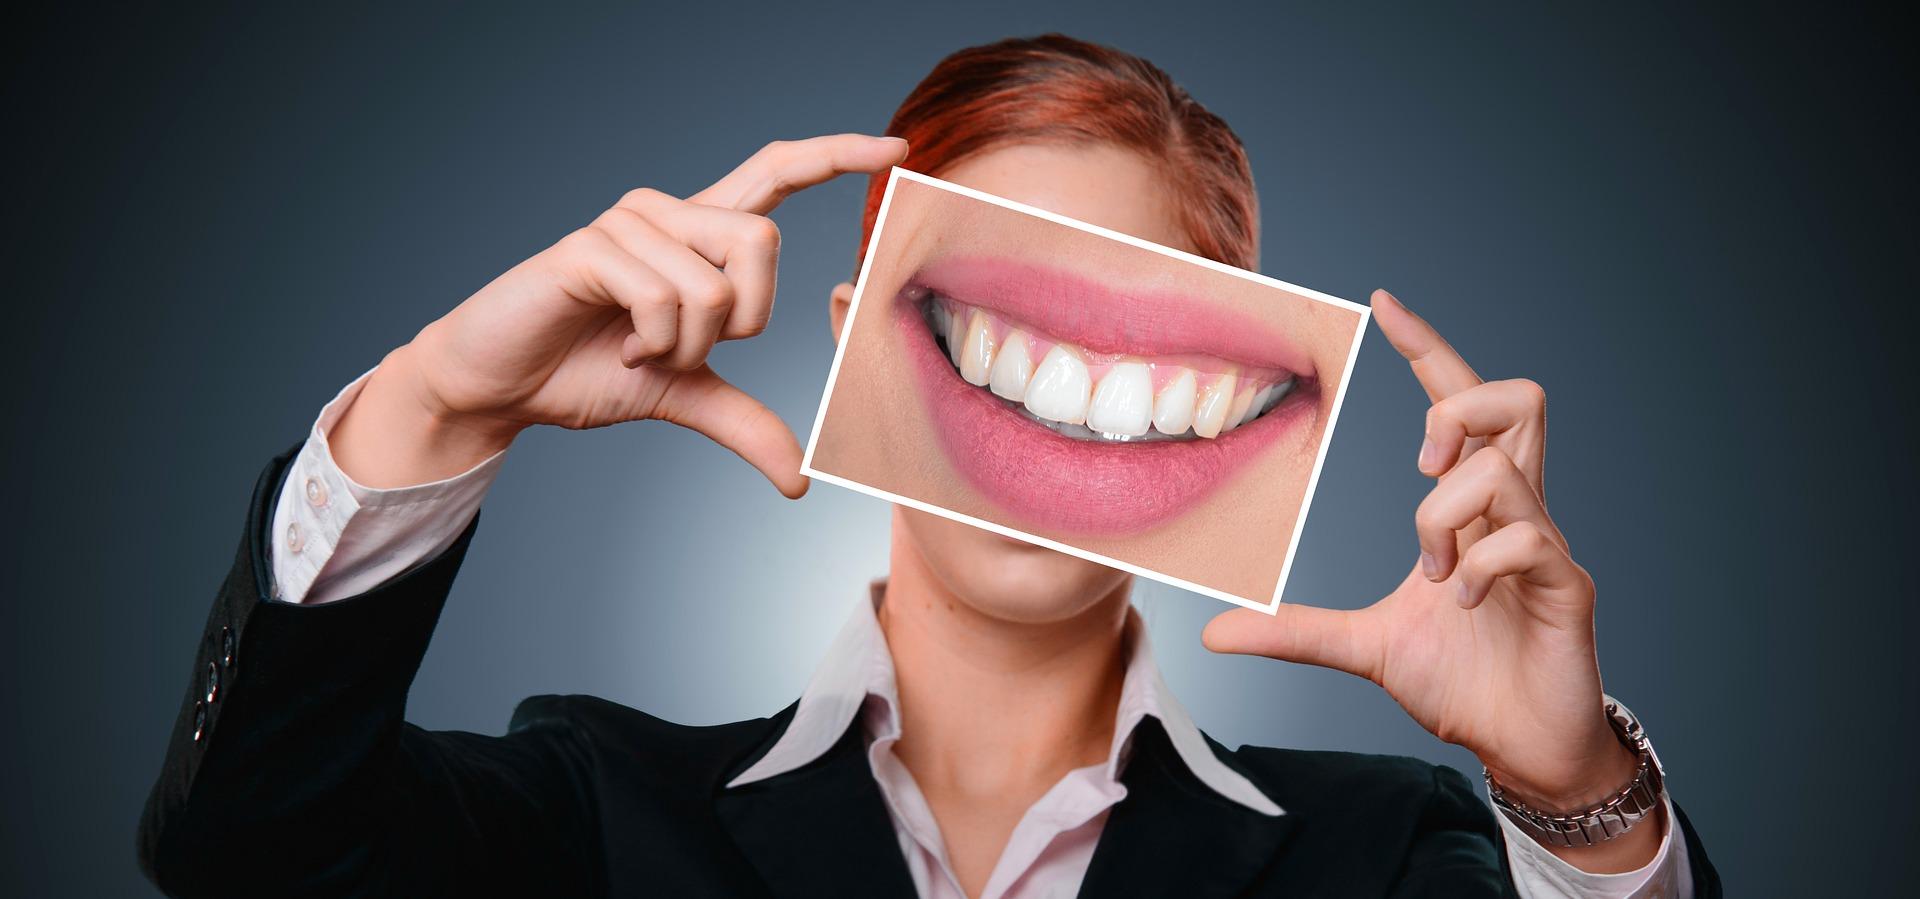 soins dentaires sont moins chers en dehors de la France